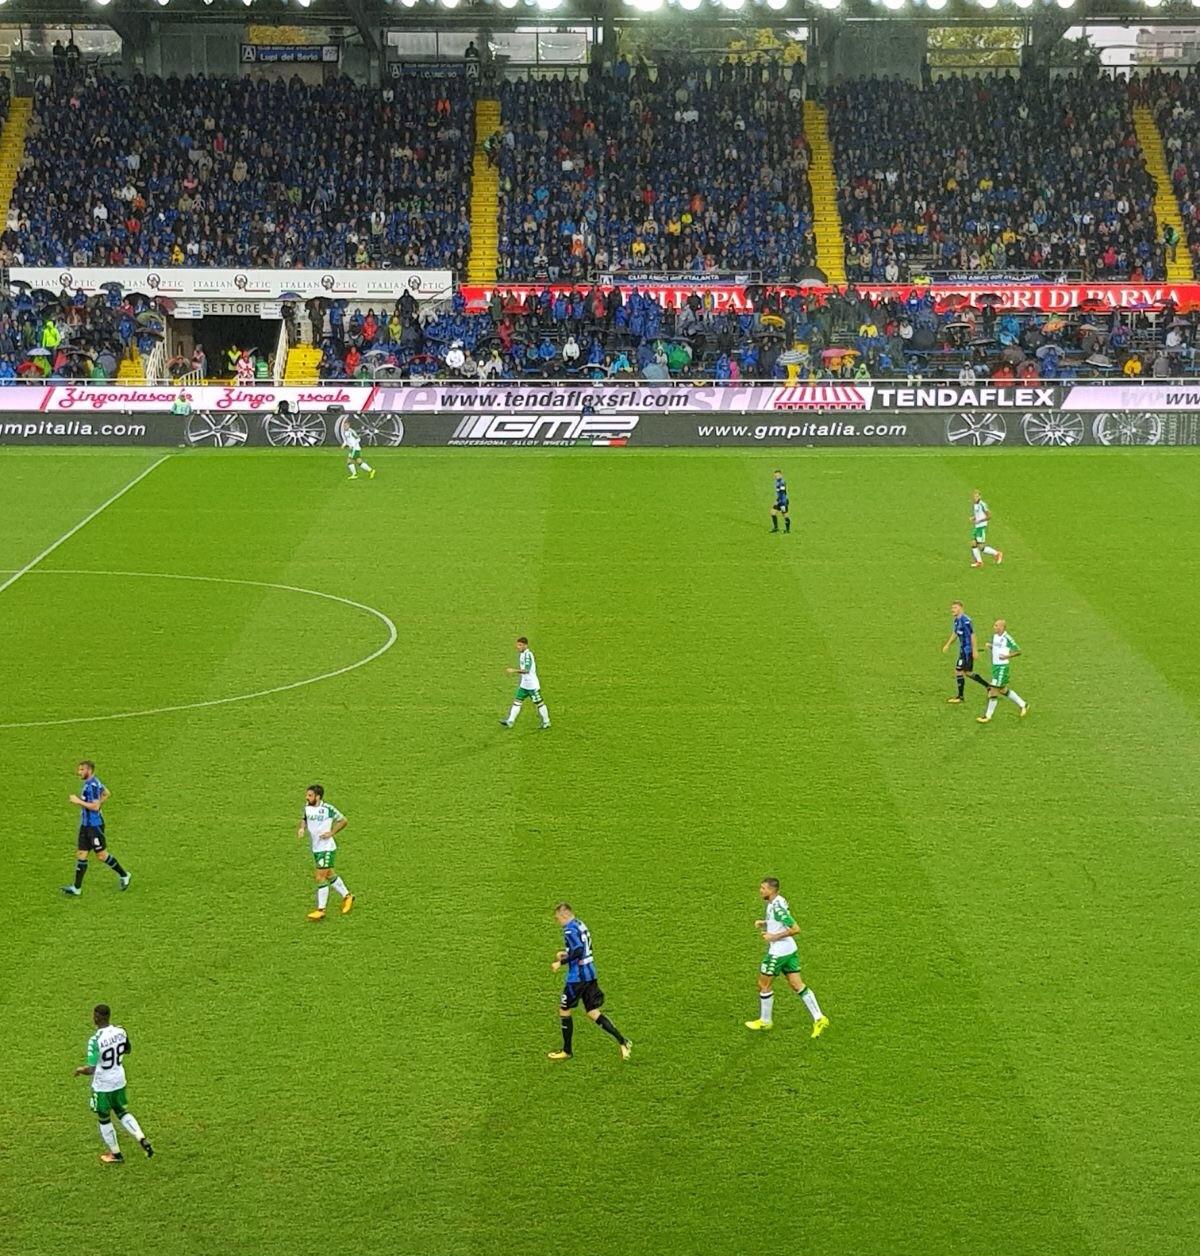 GMP Italia è executive partner allo stadio nella partita Atalanta - Sassuolo